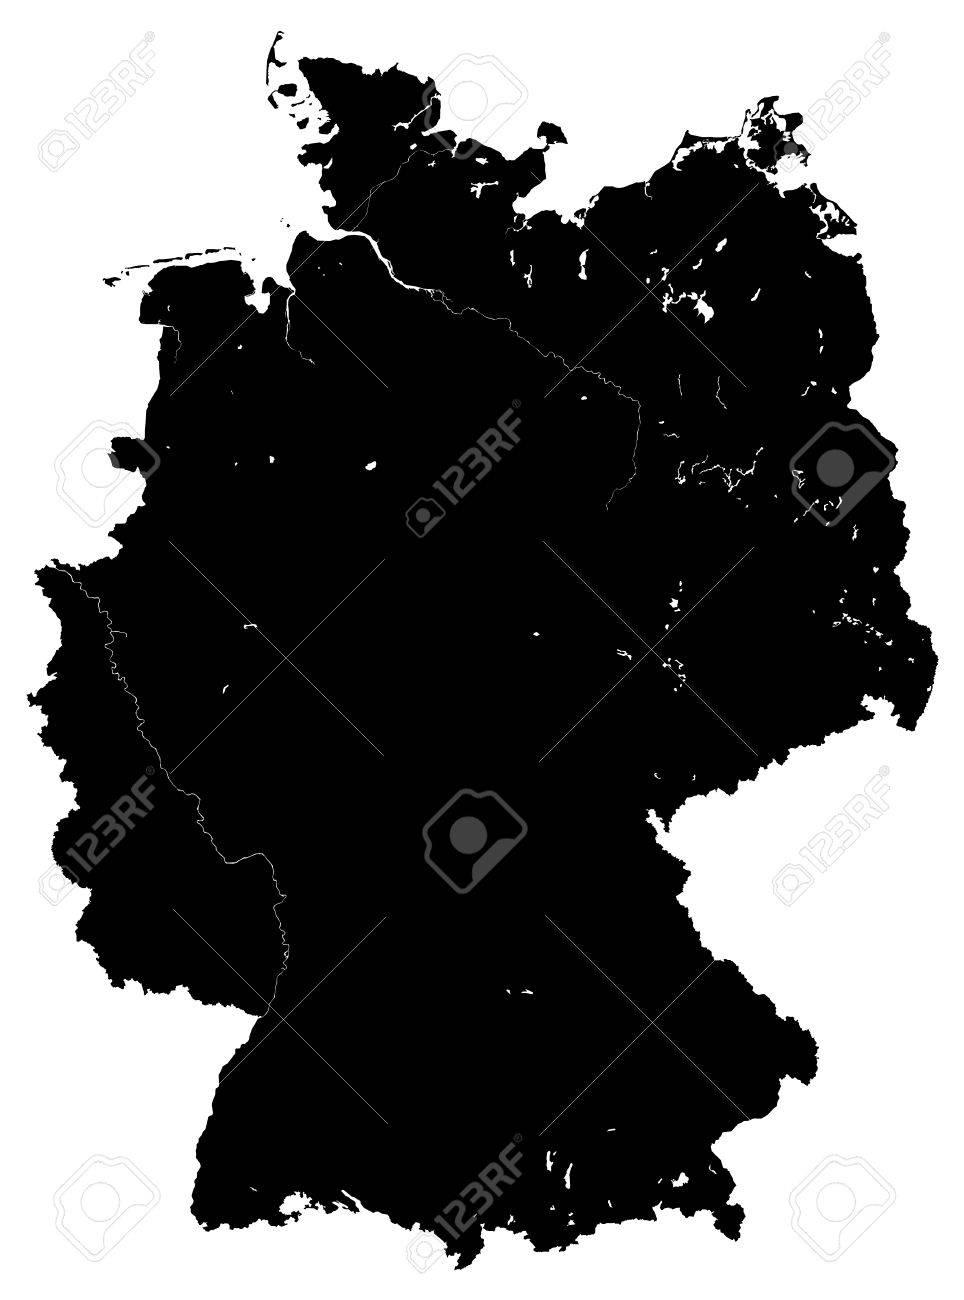 landkarte deutschland schwarz weiß Deutschland Karte Vektor Schwarz Weiß Lizenzfrei Nutzbare